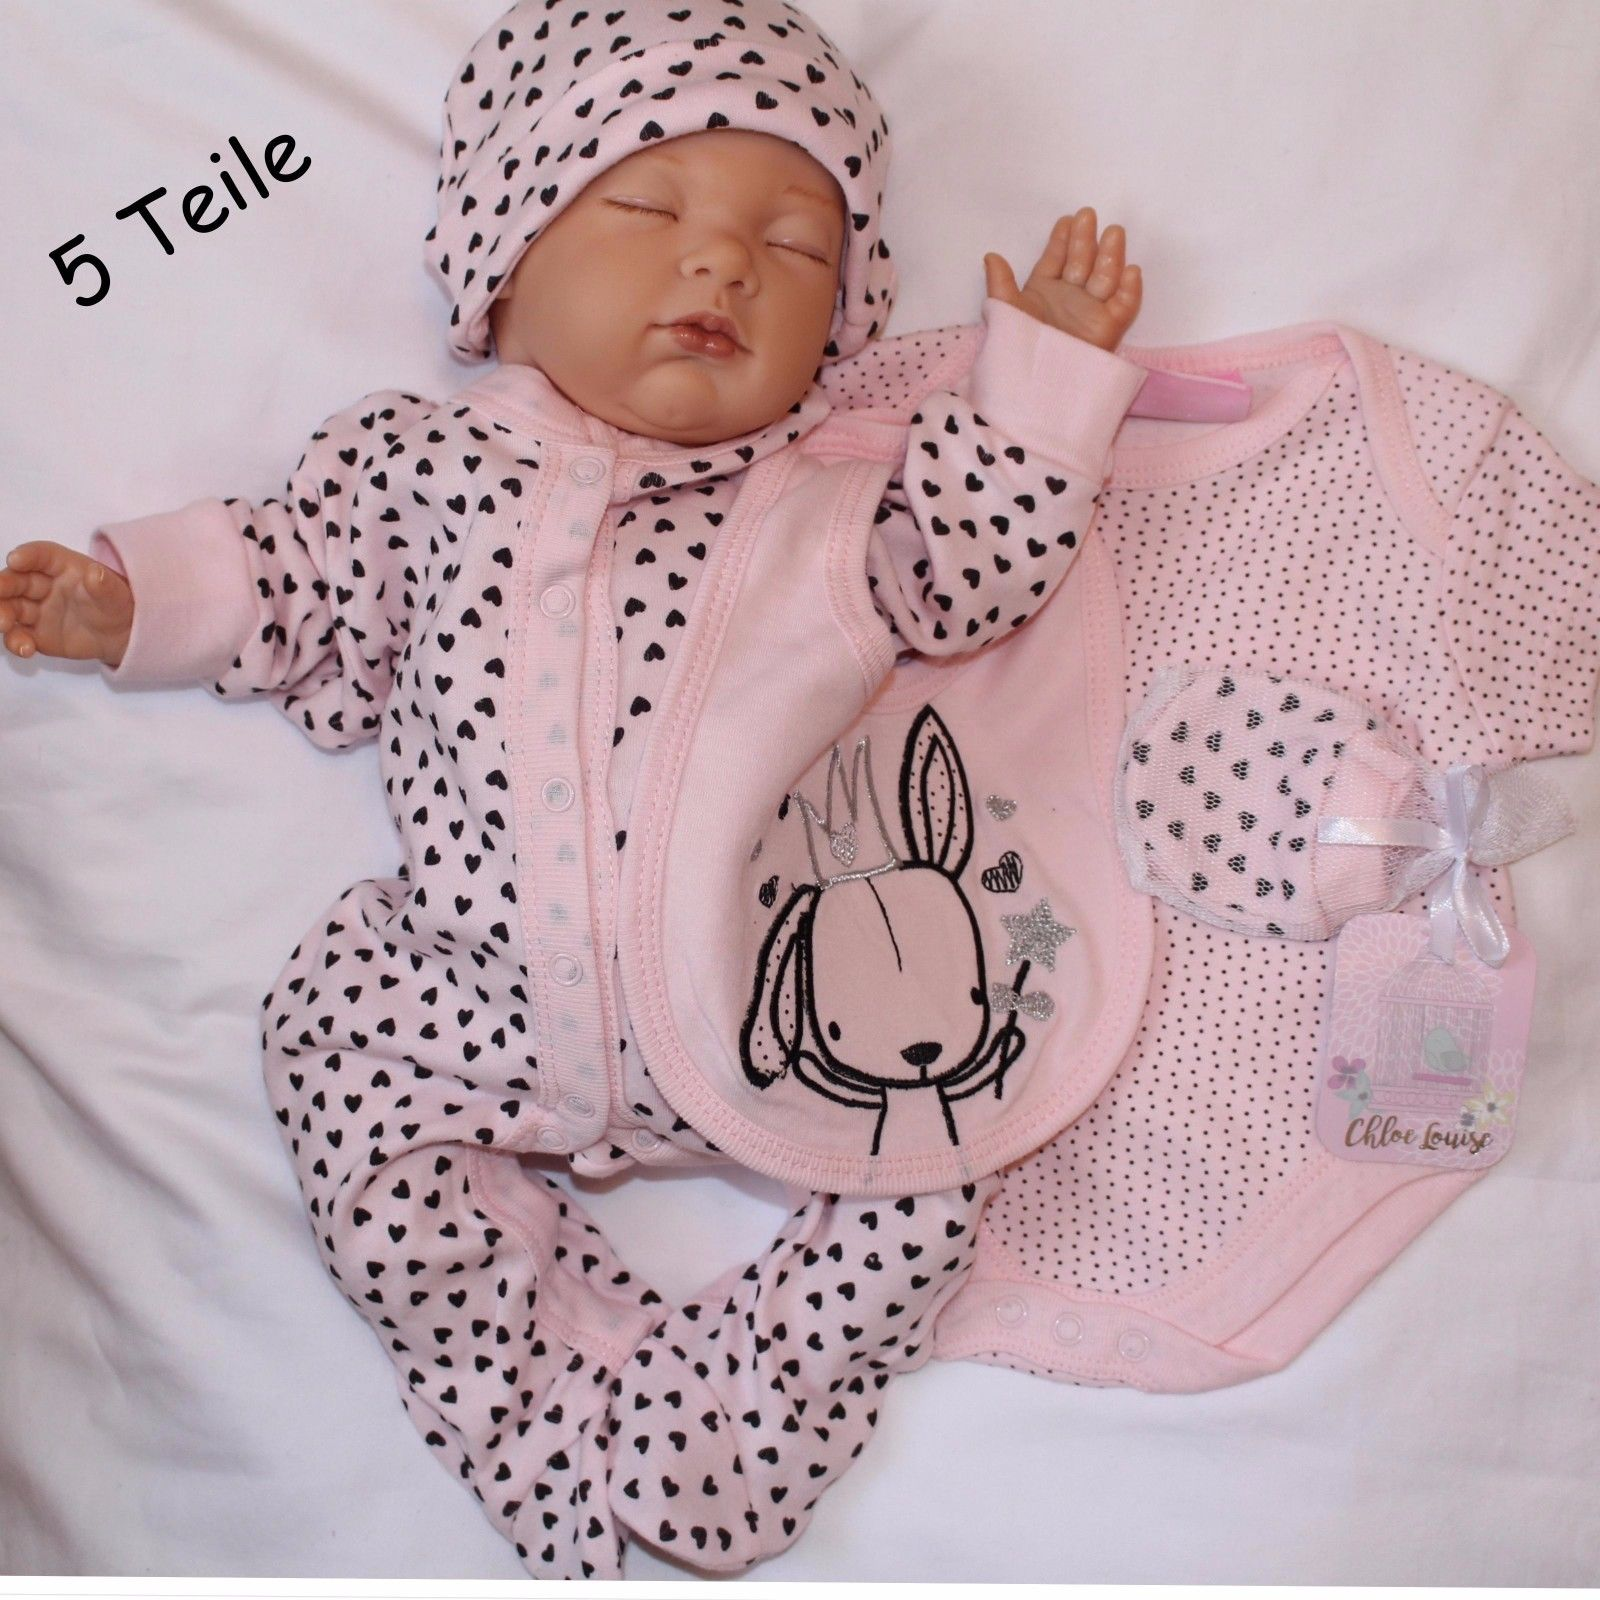 Baby Starterset Erstausstattung 5 Teile Gr. 50,56,62,68 Englandsmode NEU!